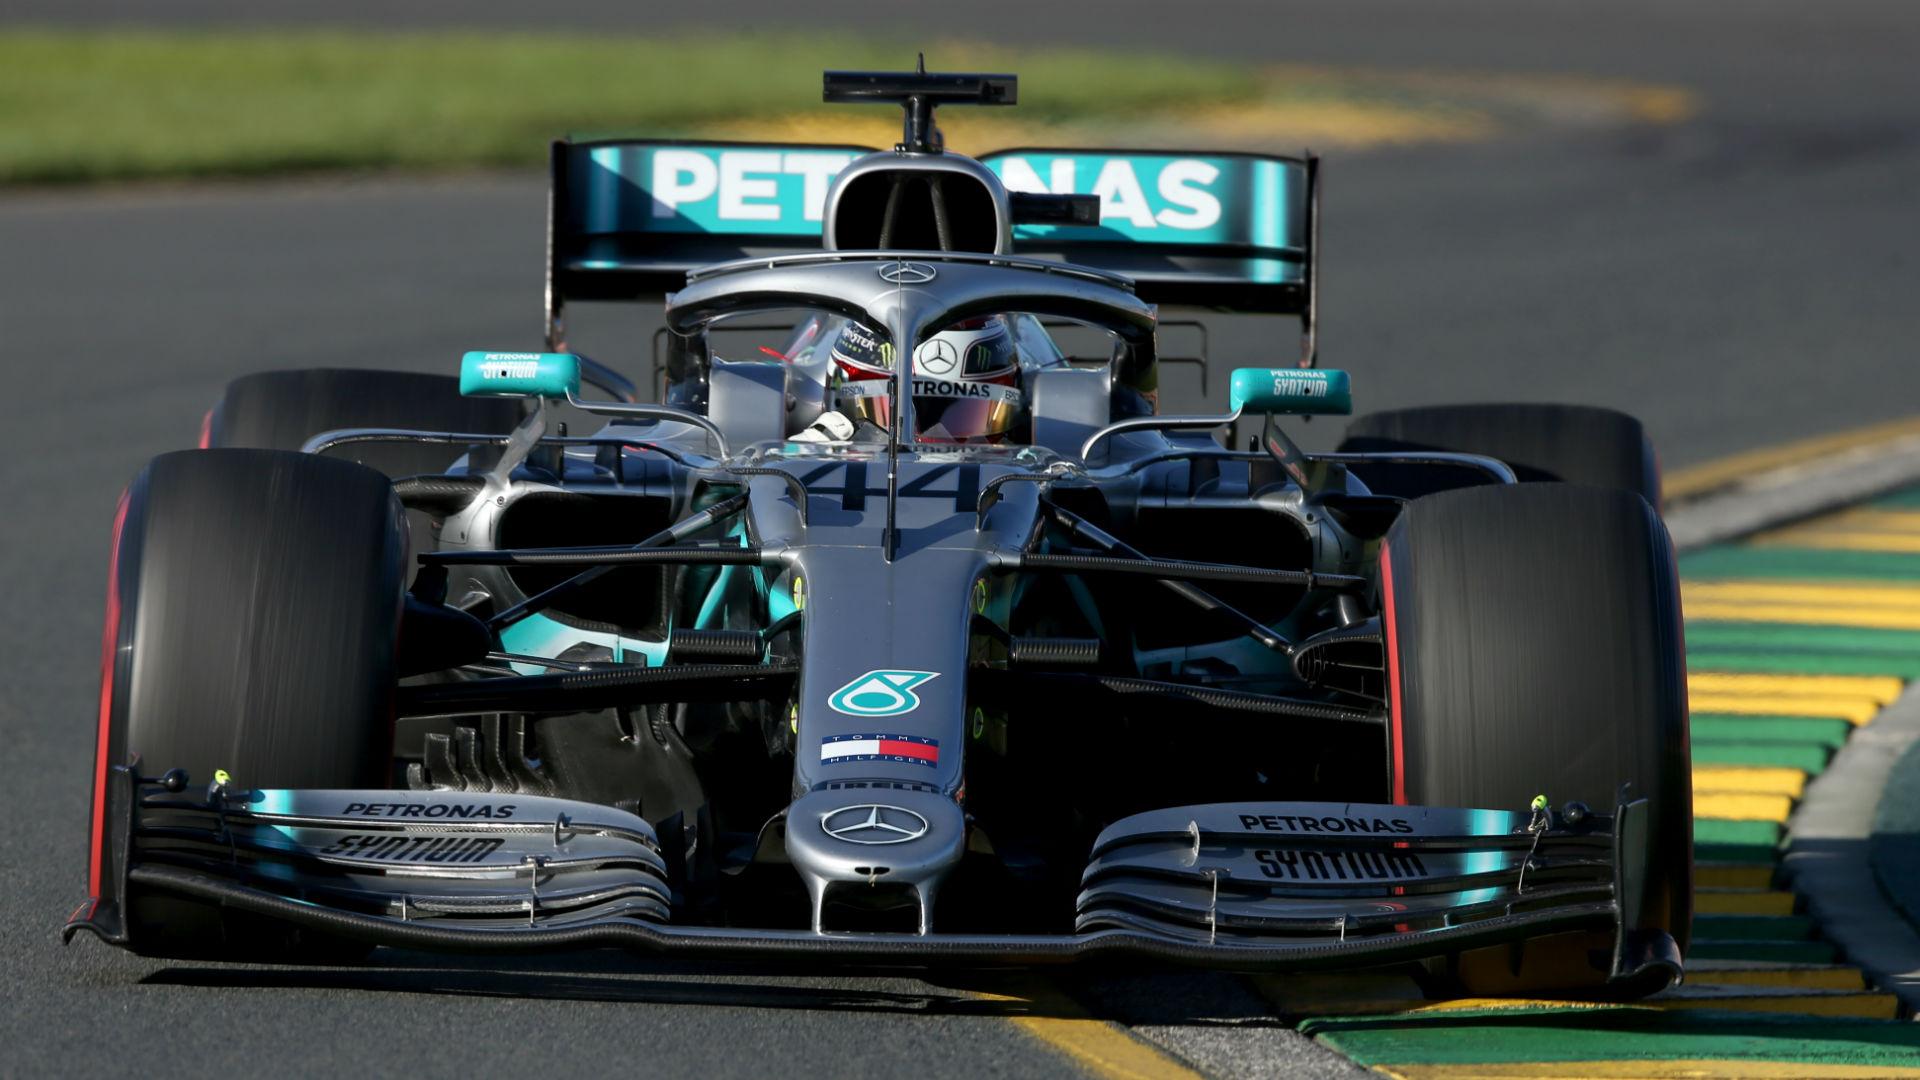 Hamilton feels 'positive buzz' as he sets Melbourne pace